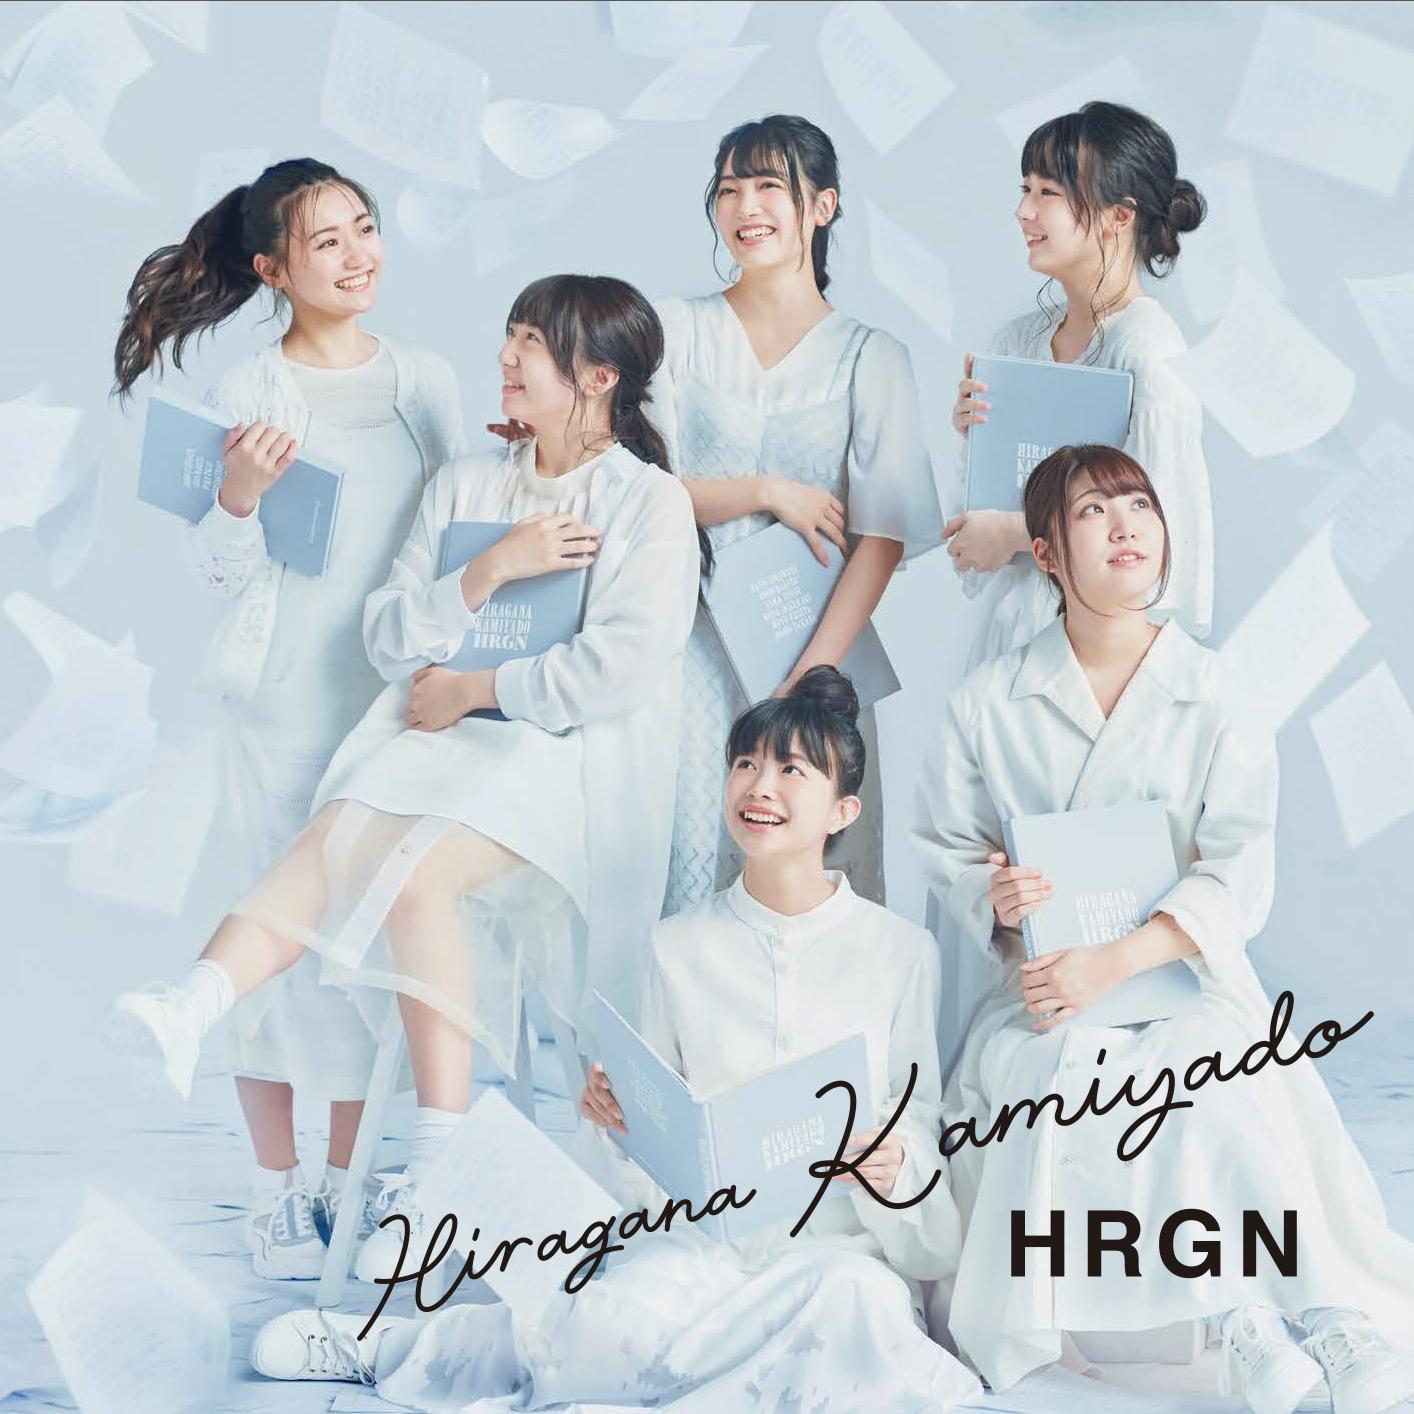 かみやど、1stアルバム『HRGN』の発売に合わせ2作のMVを公開サムネイル画像